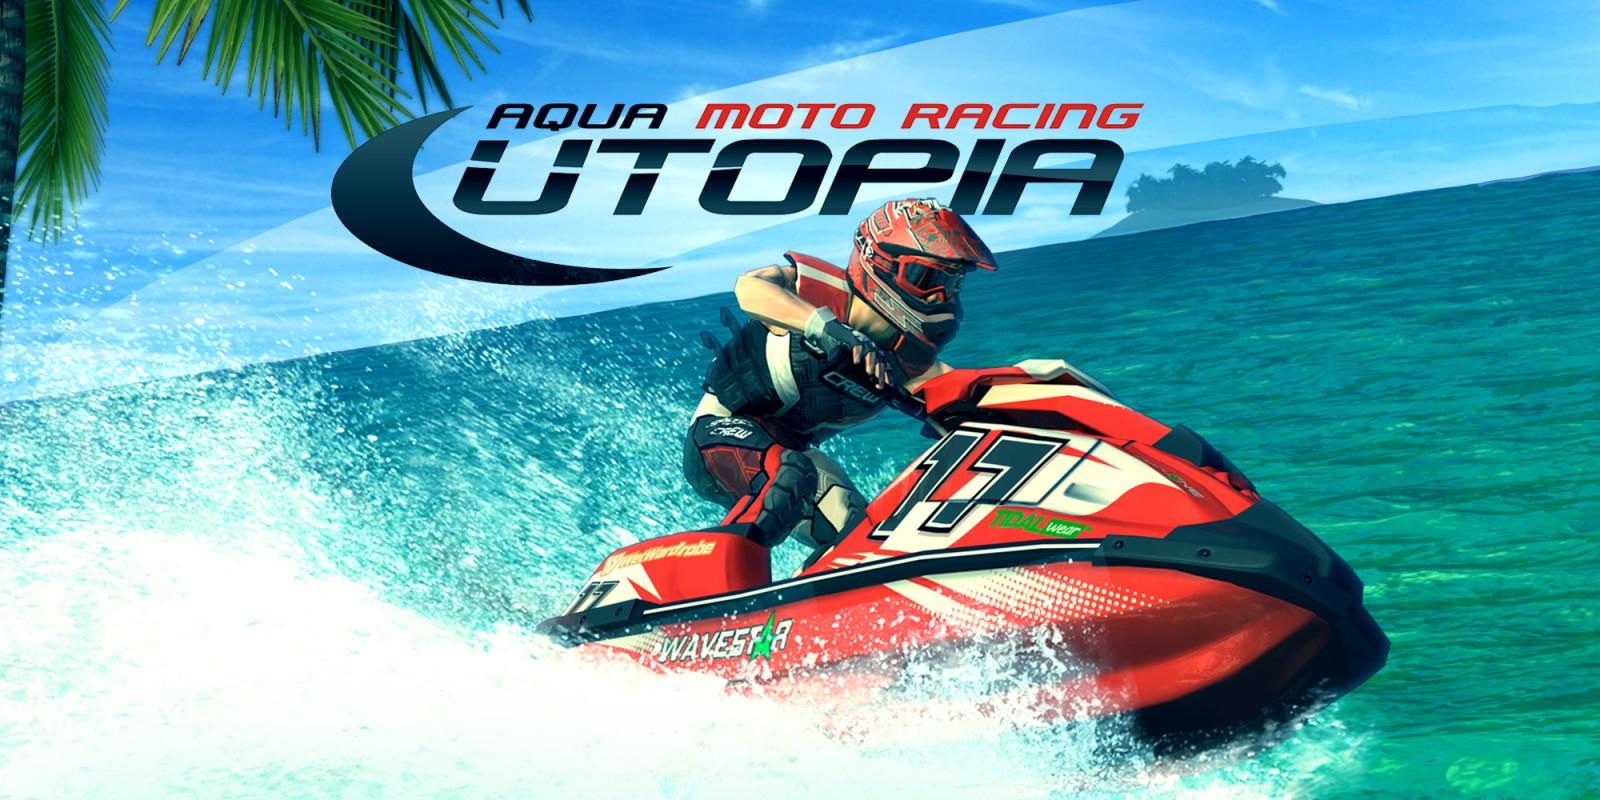 Resultado de imagen de Aqua Moto Racing Utopia Wii U